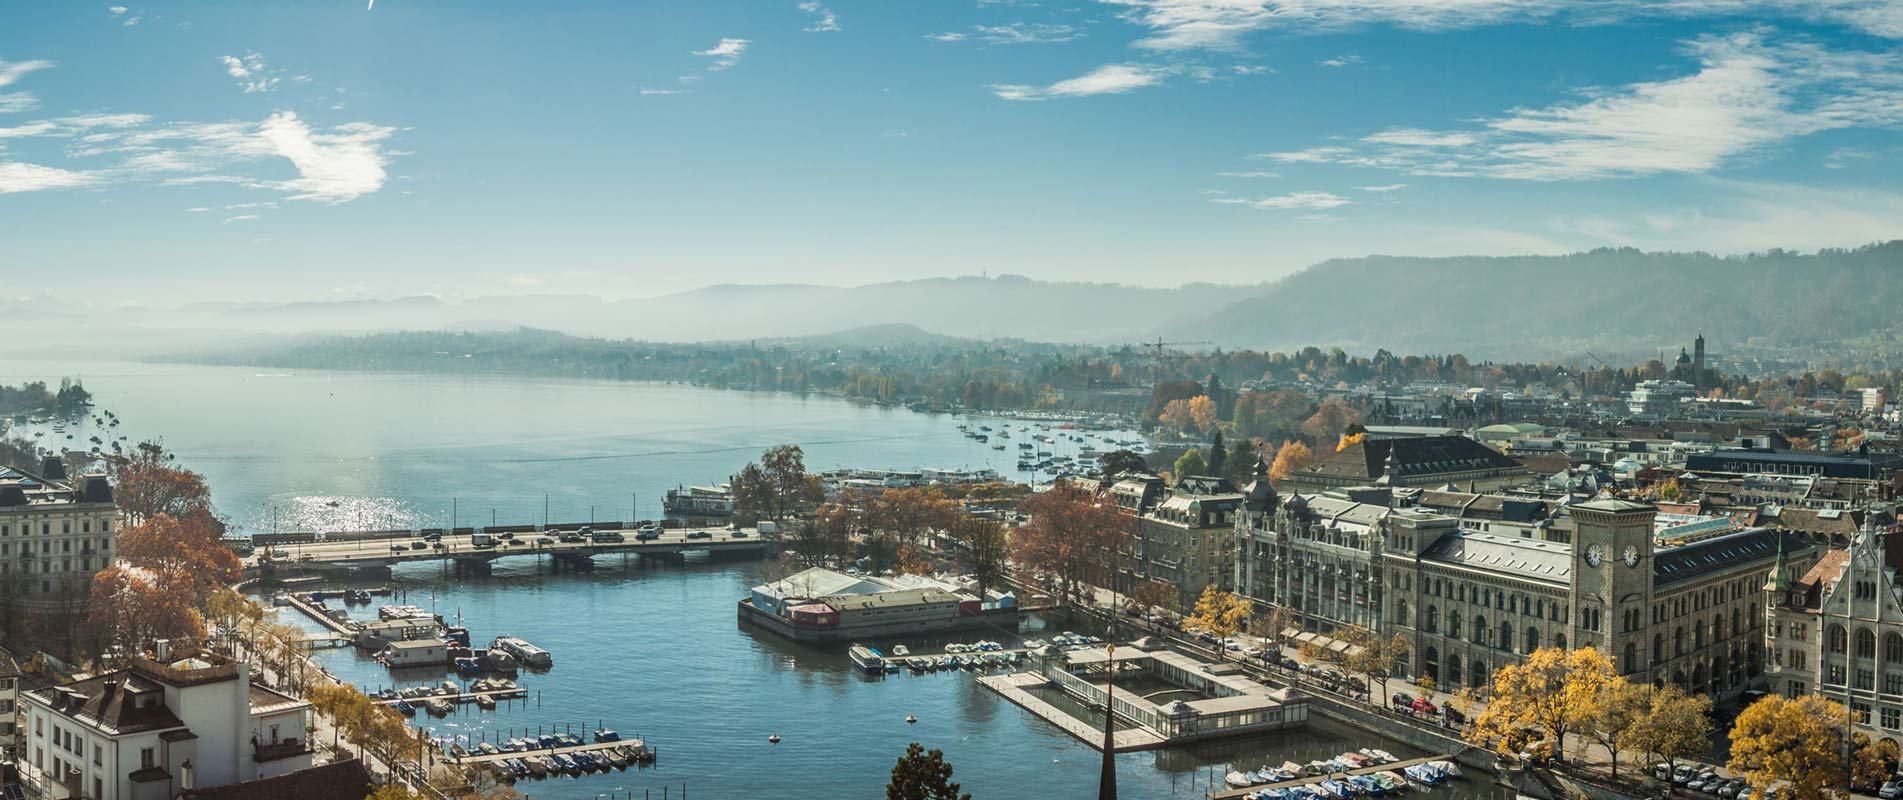 Zürich Stadt am See